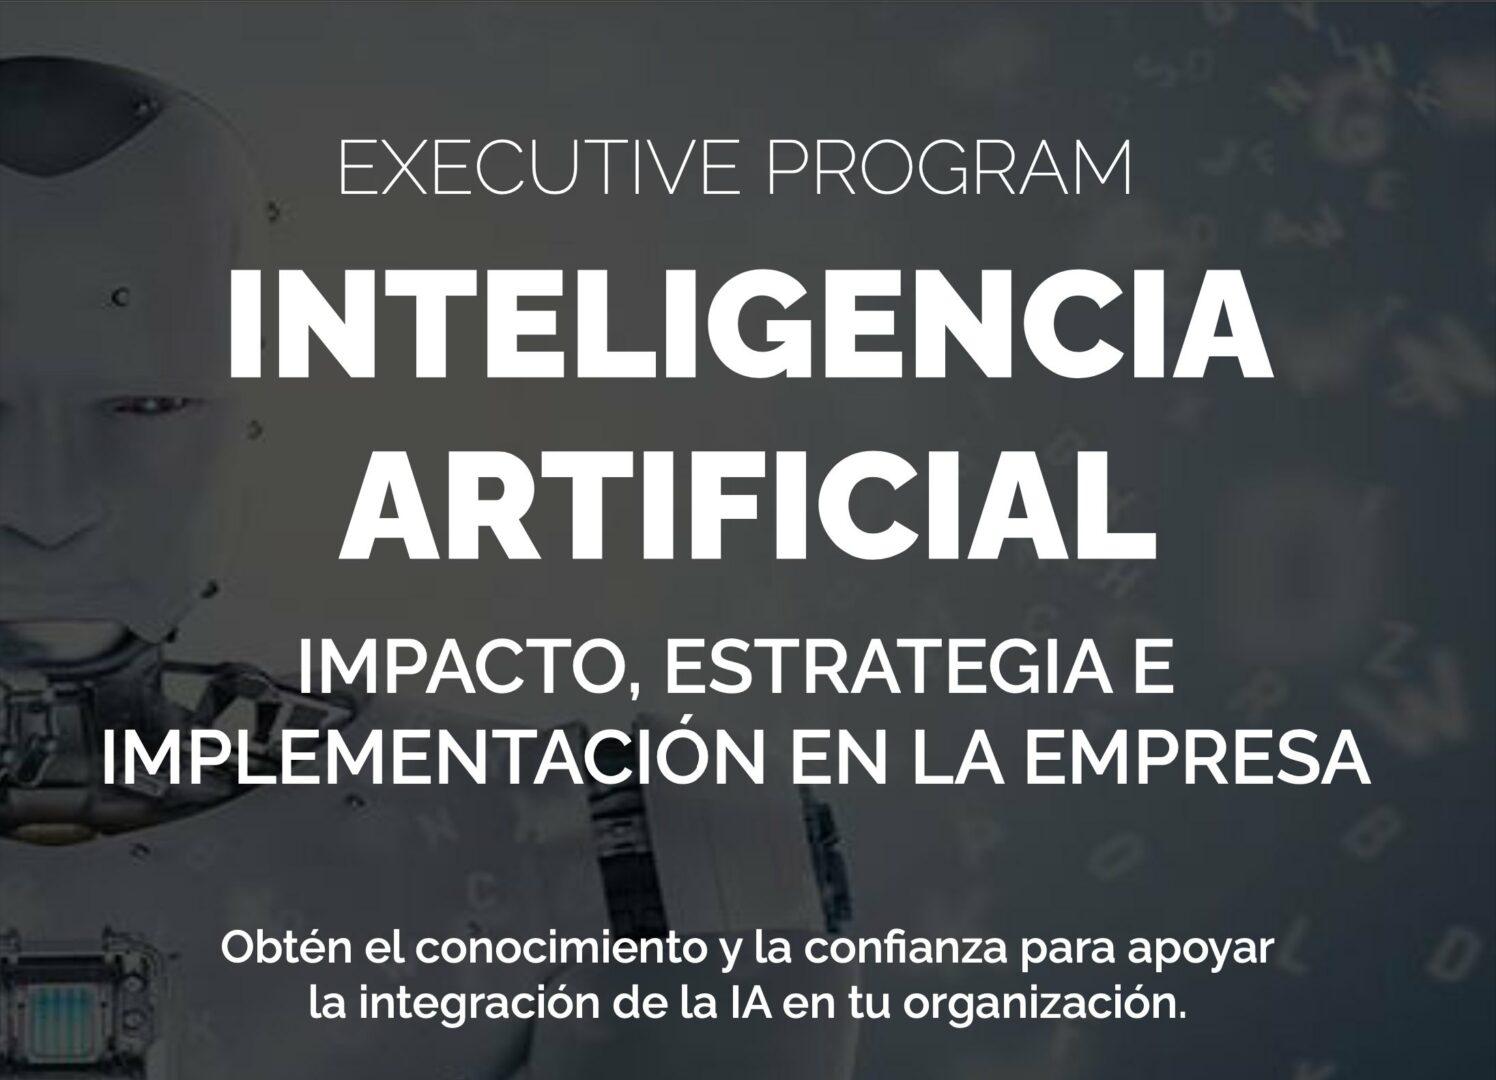 Executive Program Inteligencia Artificial